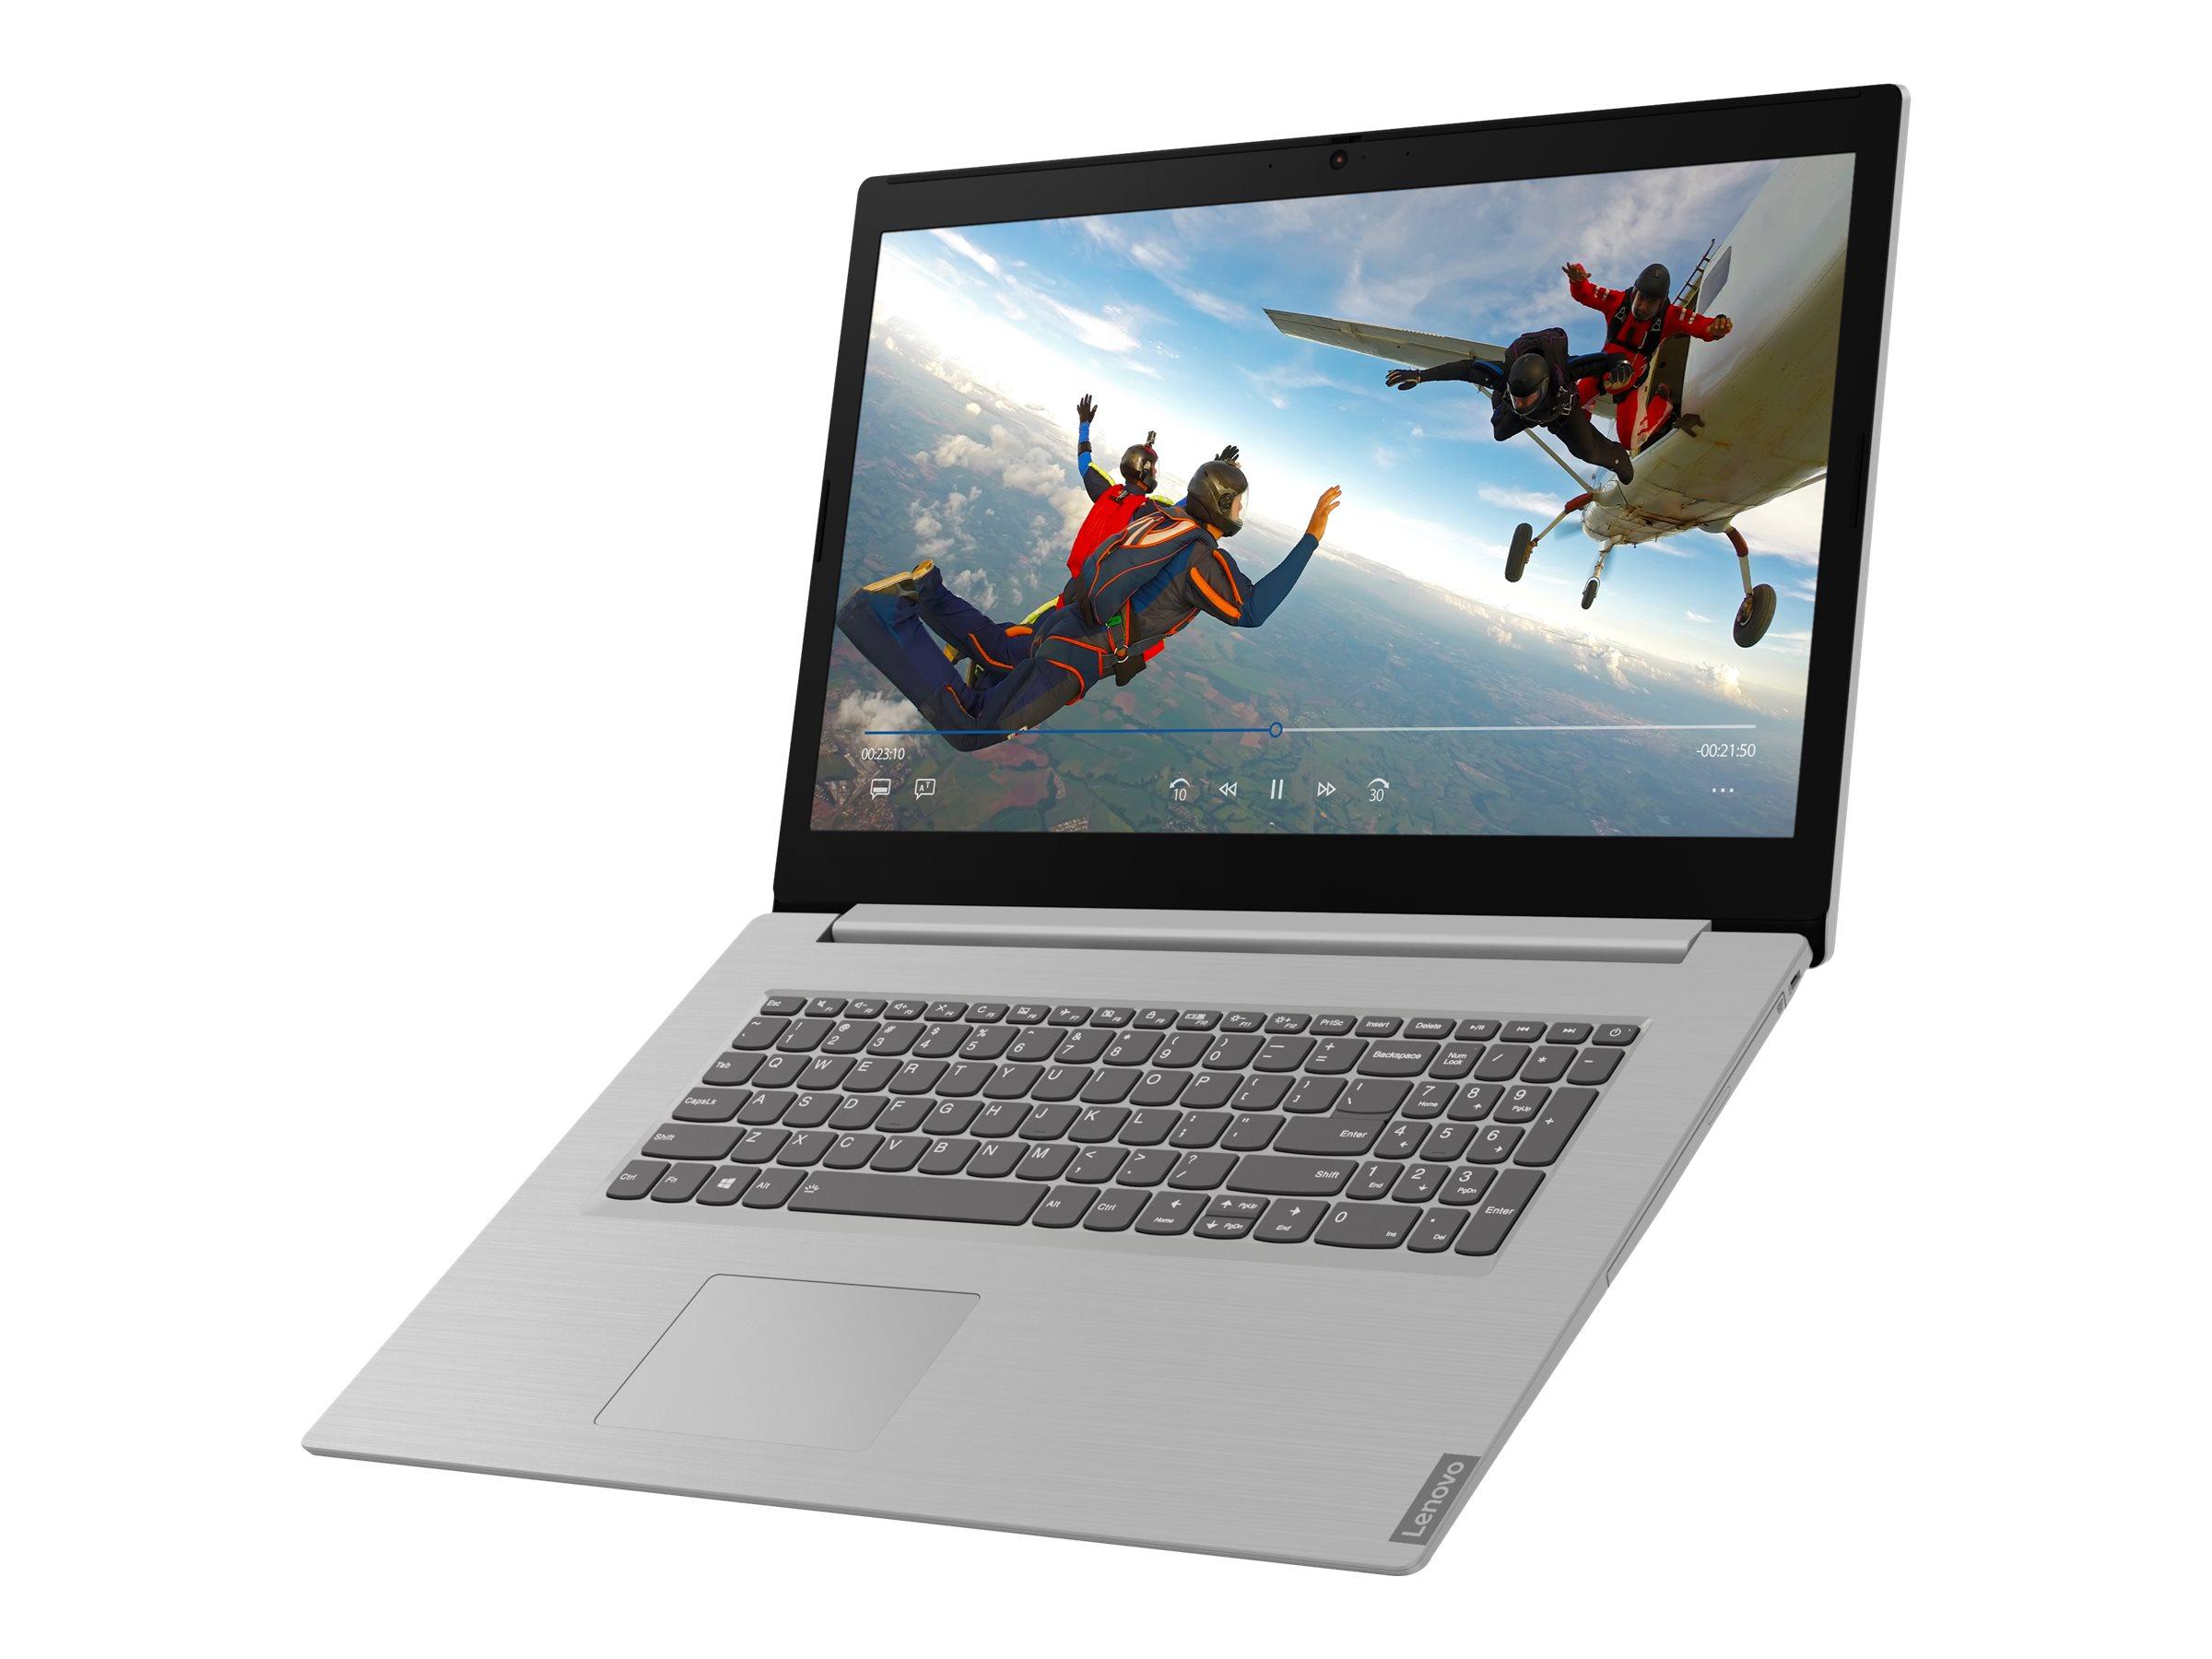 """PC Portable 17"""" HD+ Lenovo L340-17API - Ryzen 5 3500U, 8Go de Ram, 1To + 128Go SATA (via ODR de 80€)"""